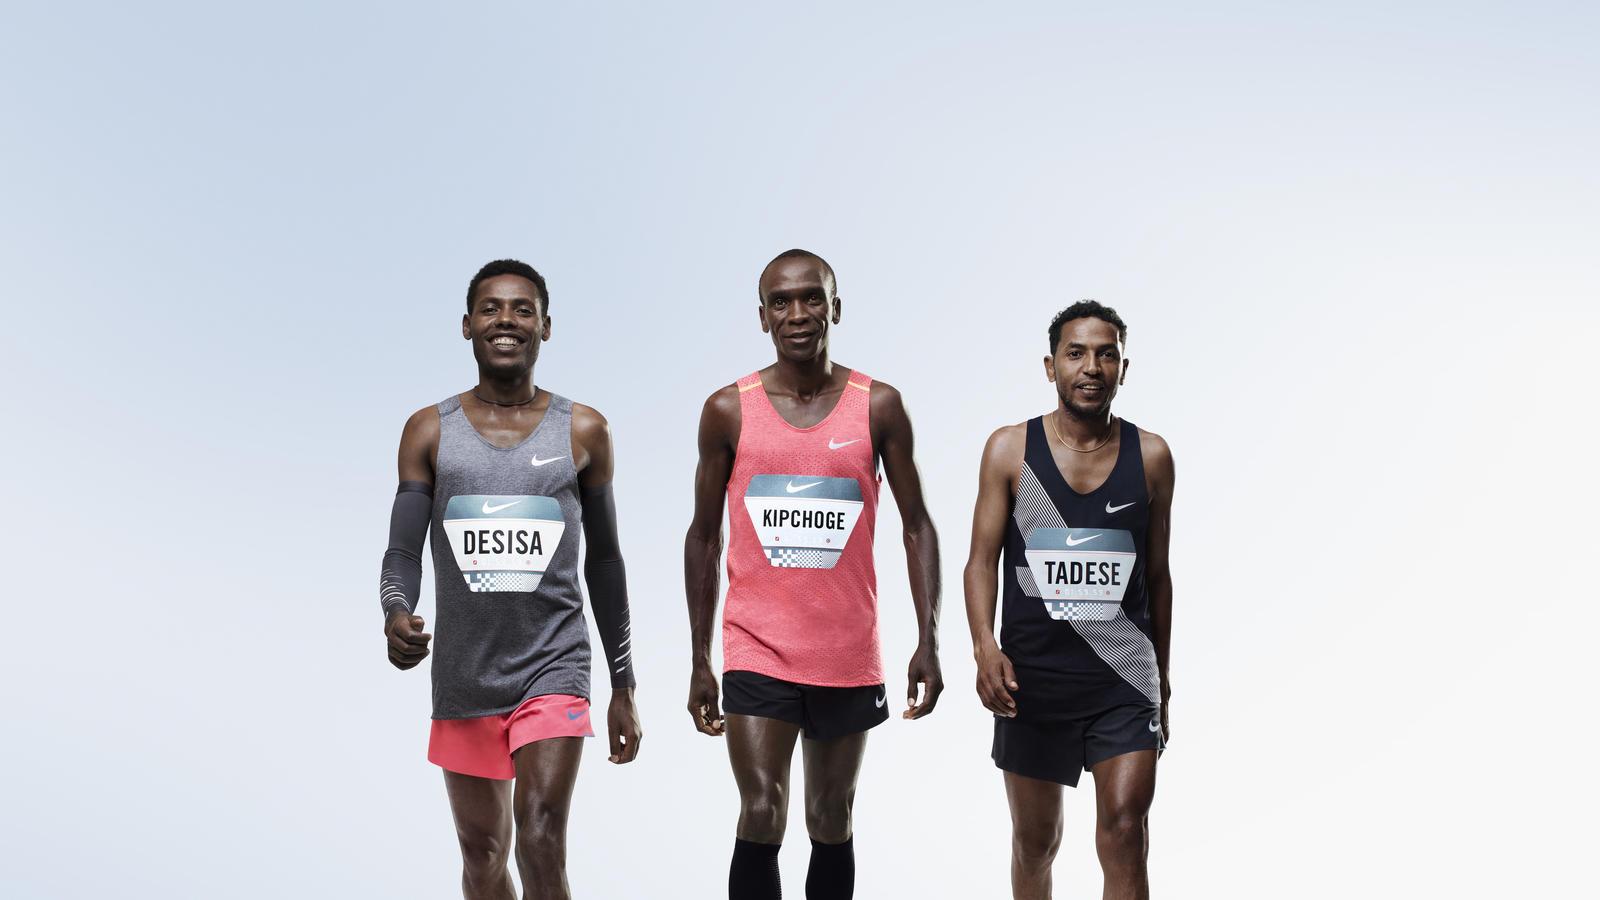 Trije atleti, ki sodelujejo v projektu Breaking2.